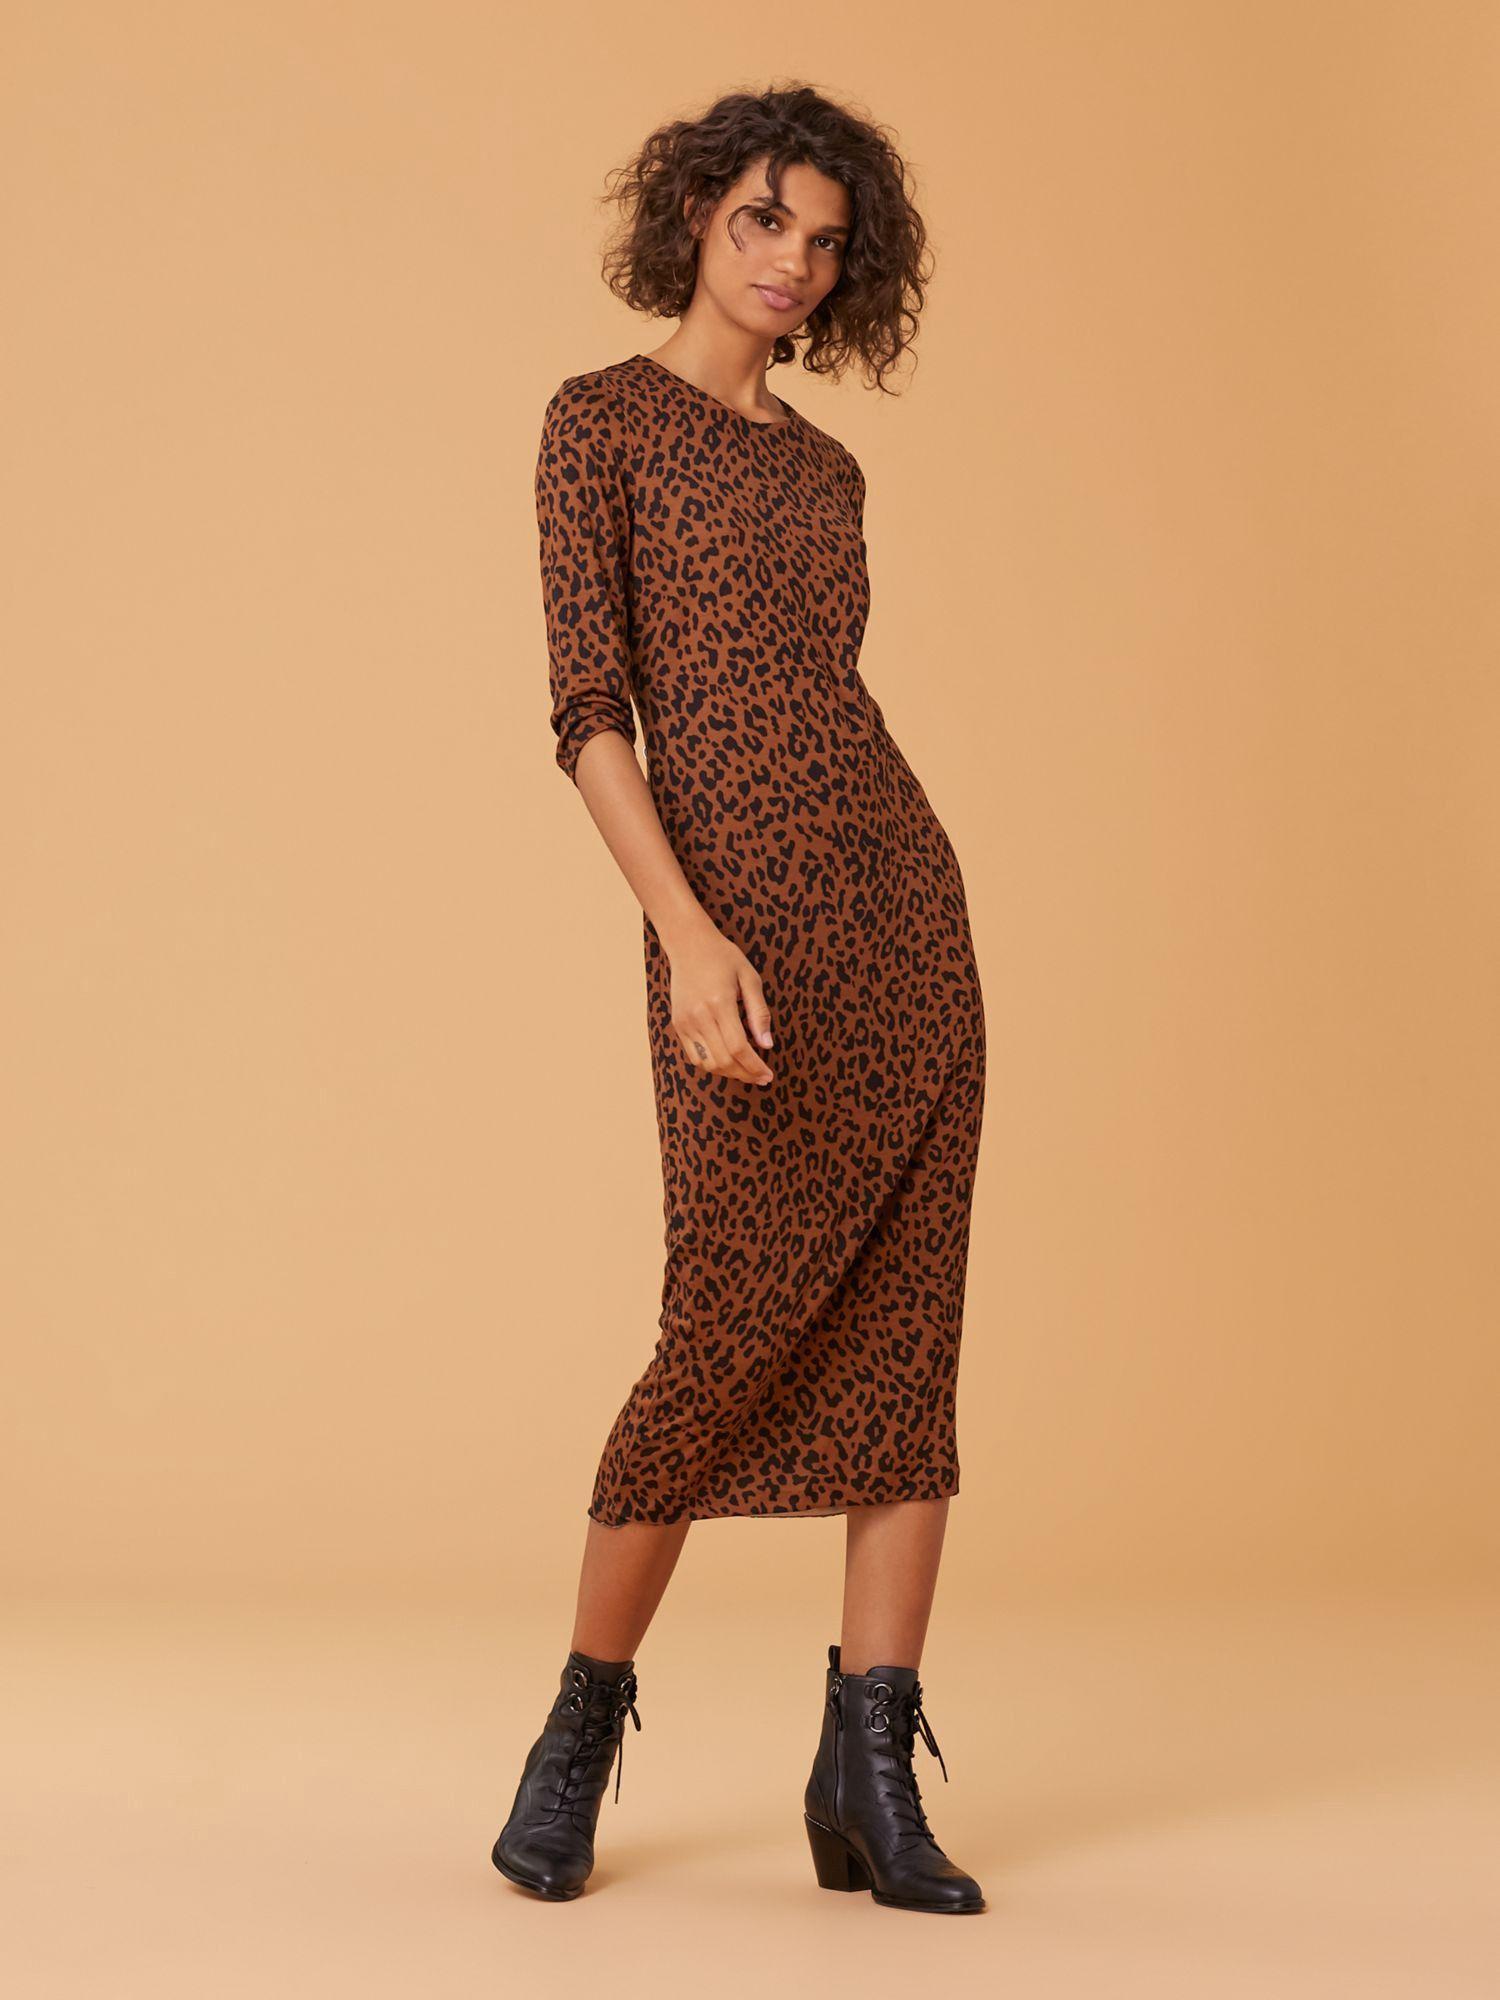 d6df2784deb13 Diane Von Furstenberg Dvf Saihana Dress - Heyford Cocoa Xxs